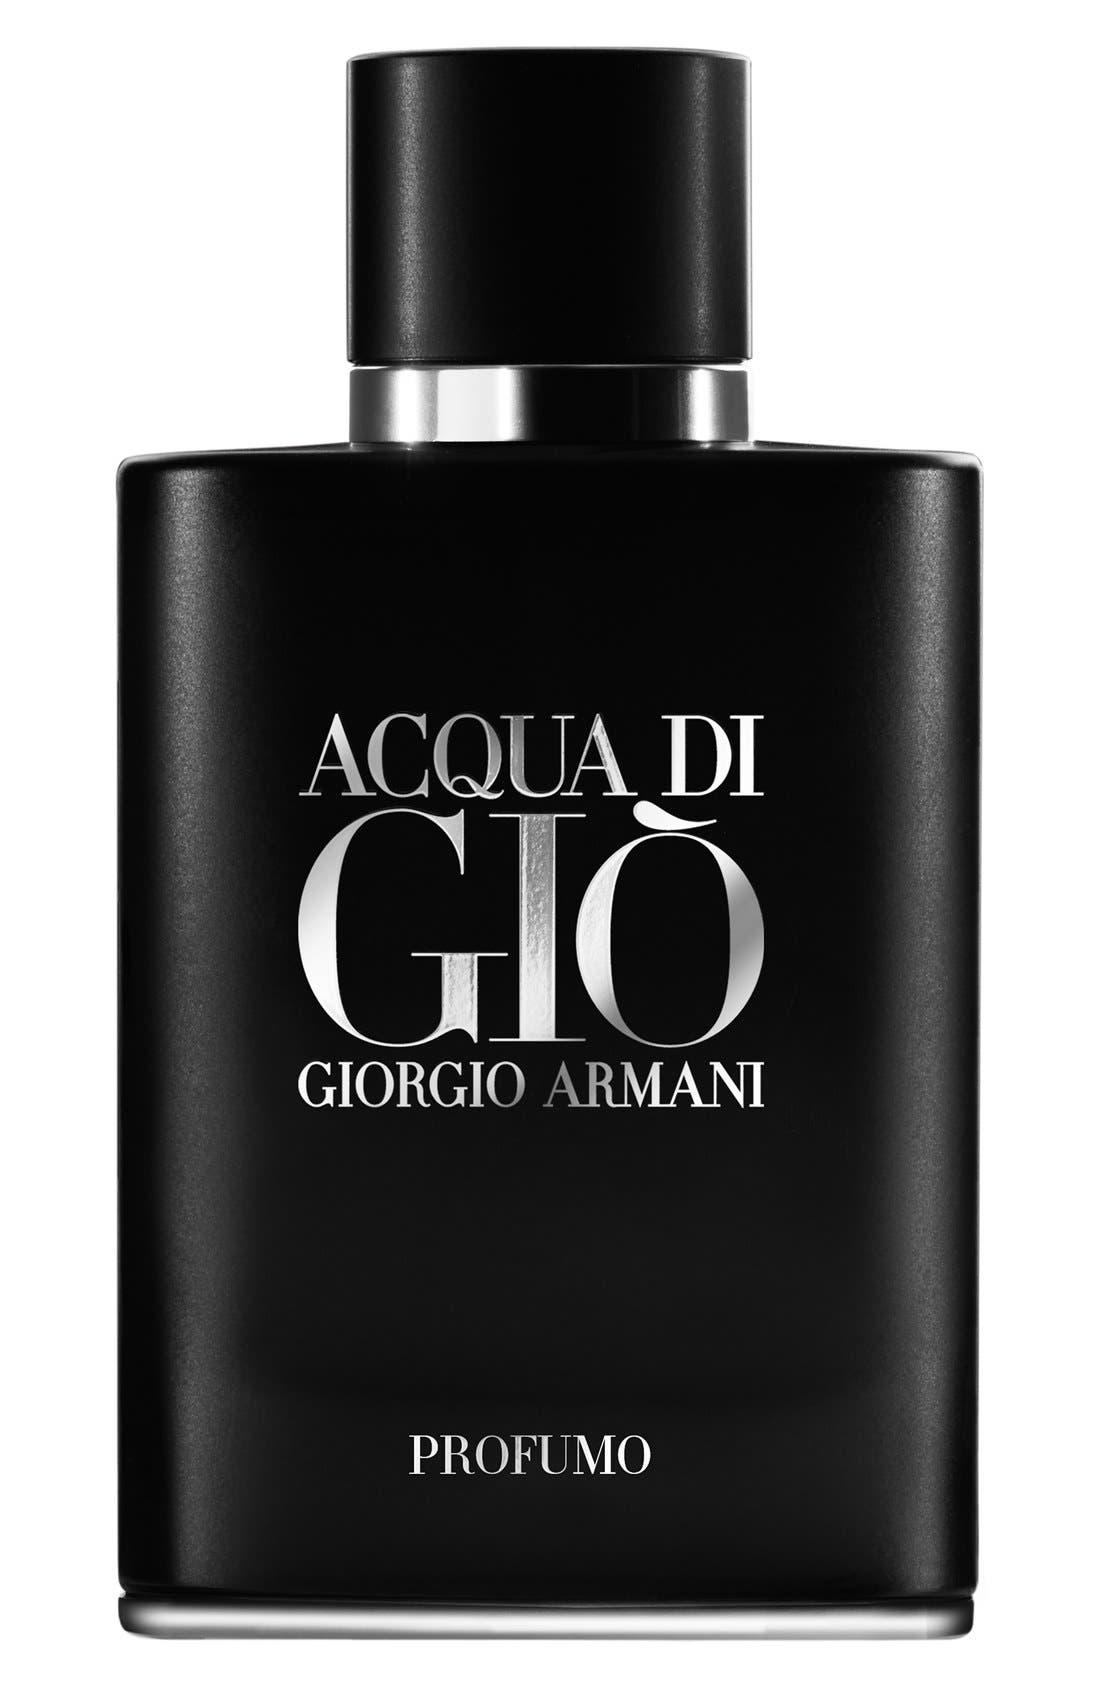 Giorgio Armani 'Acqua di Giò - Profumo' Fragrance